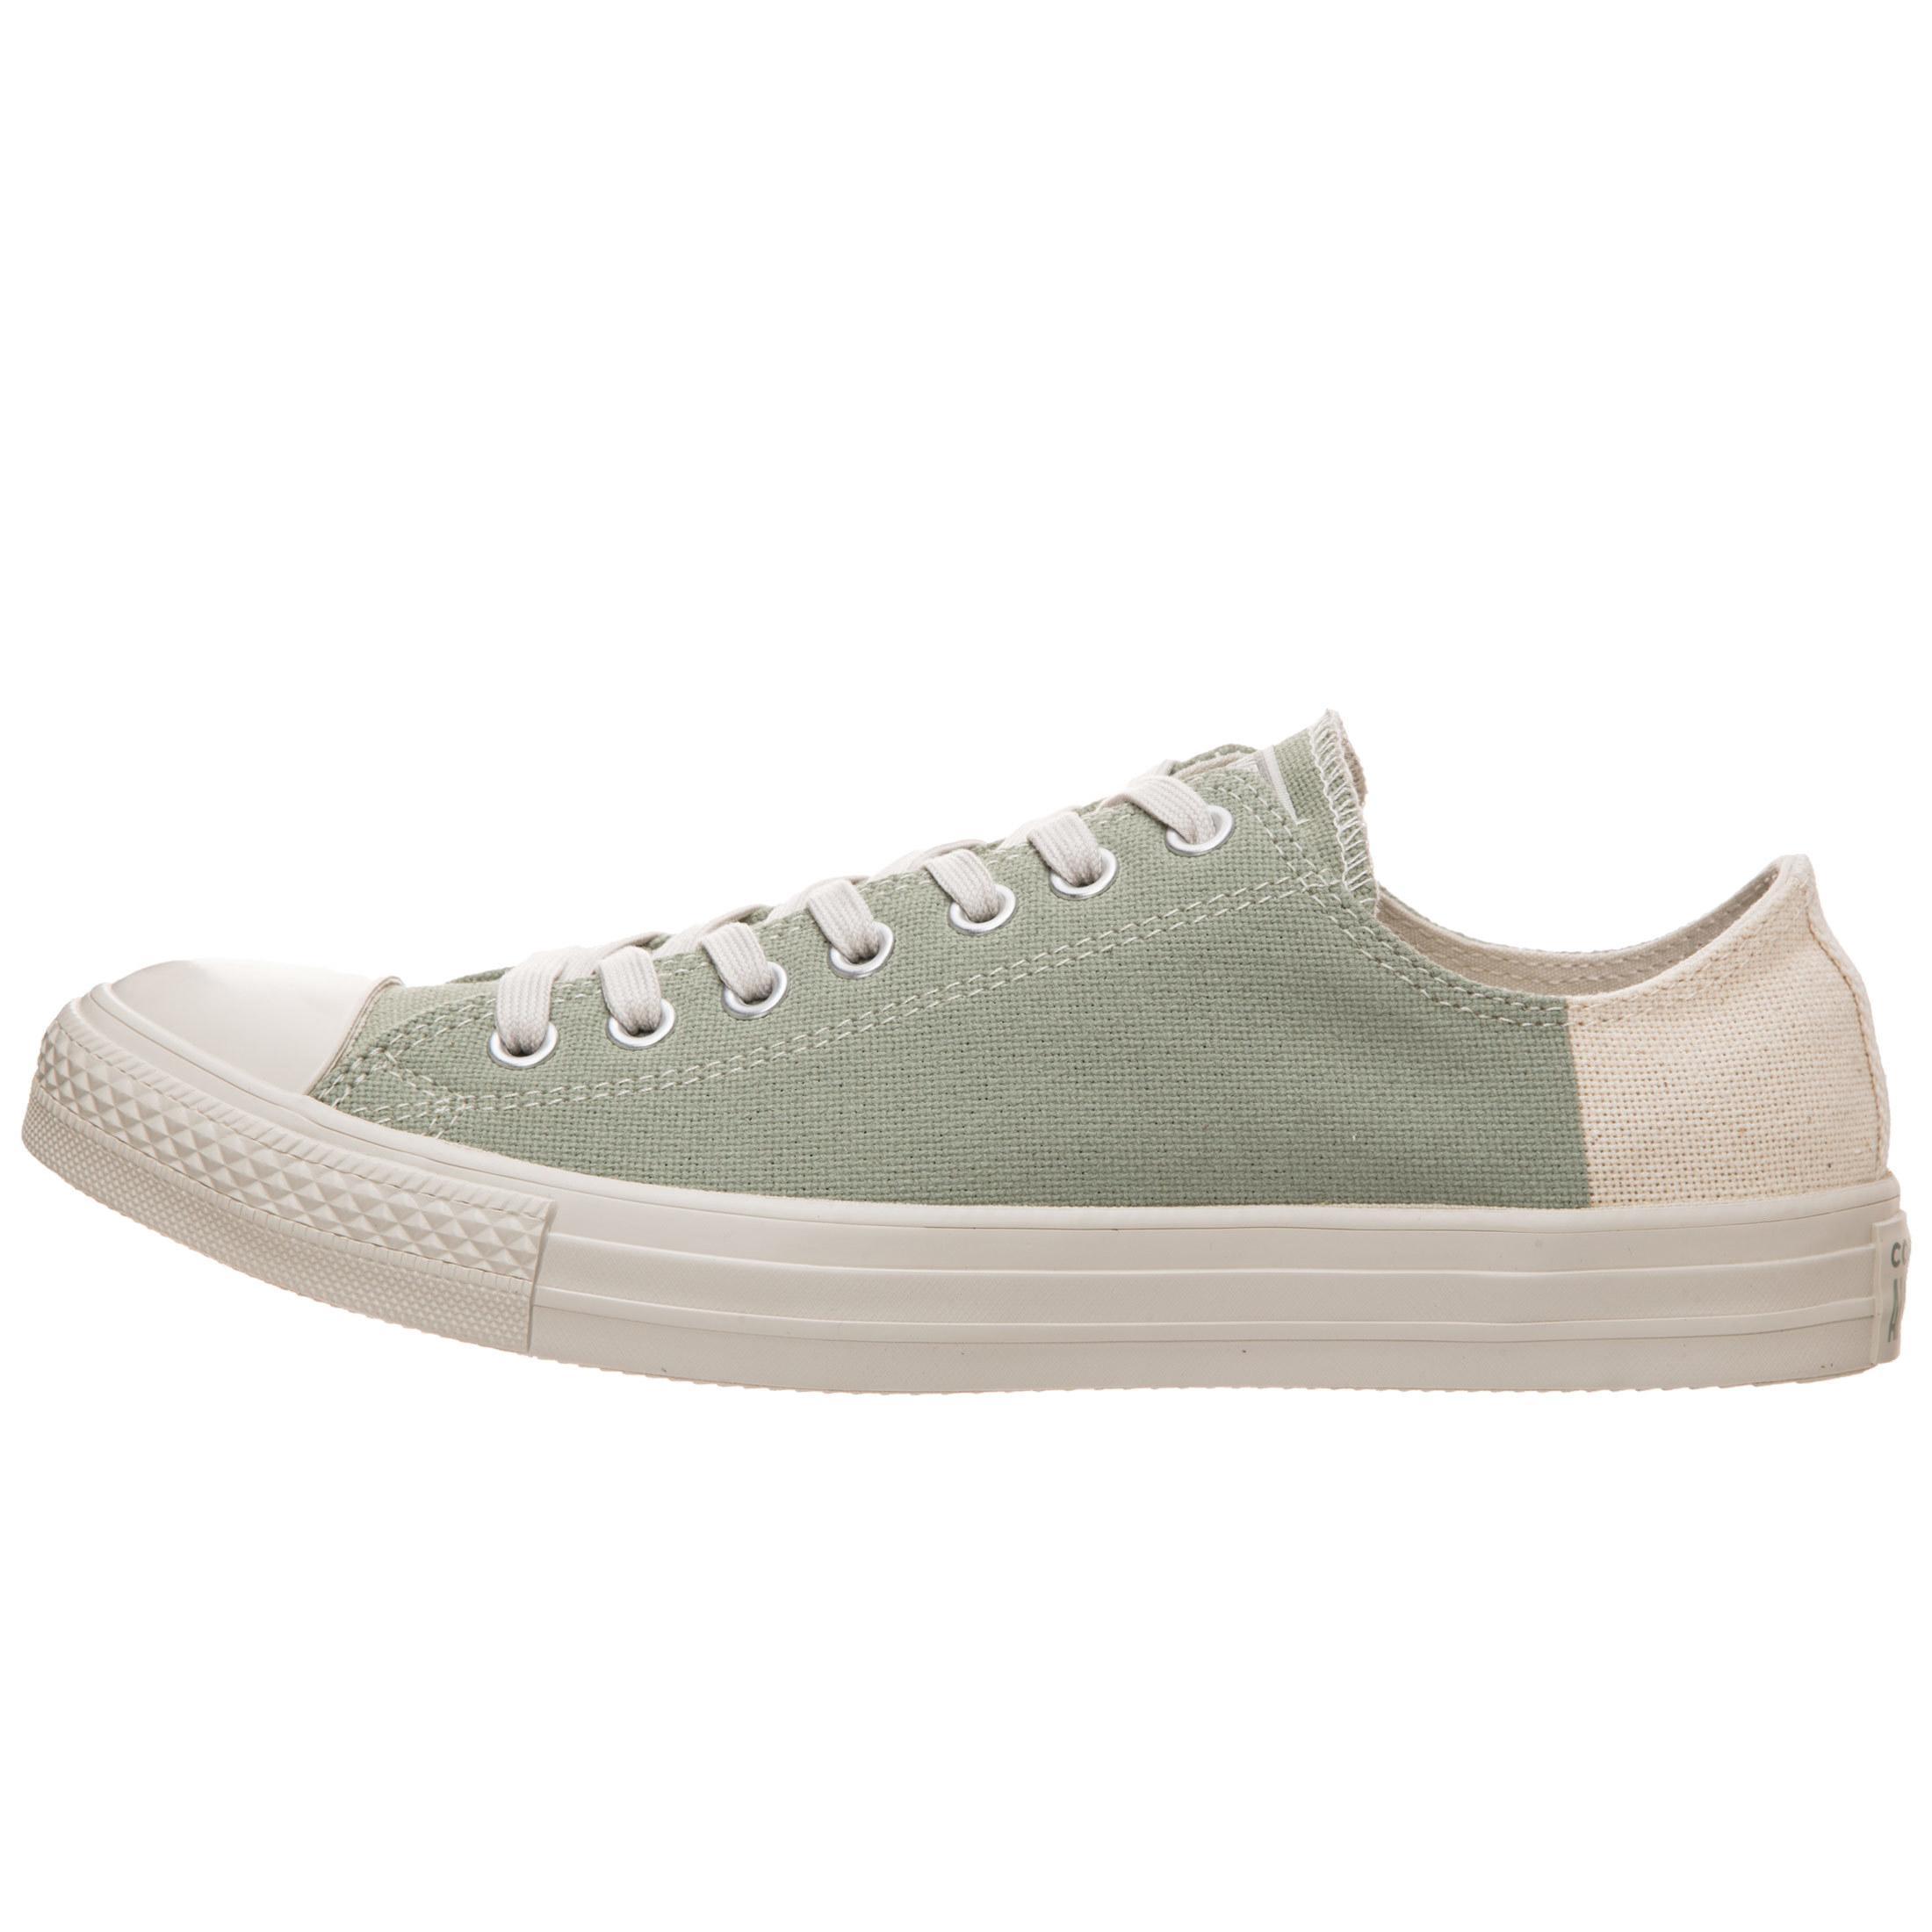 CONVERSE Chuck Taylor All Star Sneaker Herren grün grün grün im Online Shop von SportScheck kaufen Gute Qualität beliebte Schuhe 90ac7c